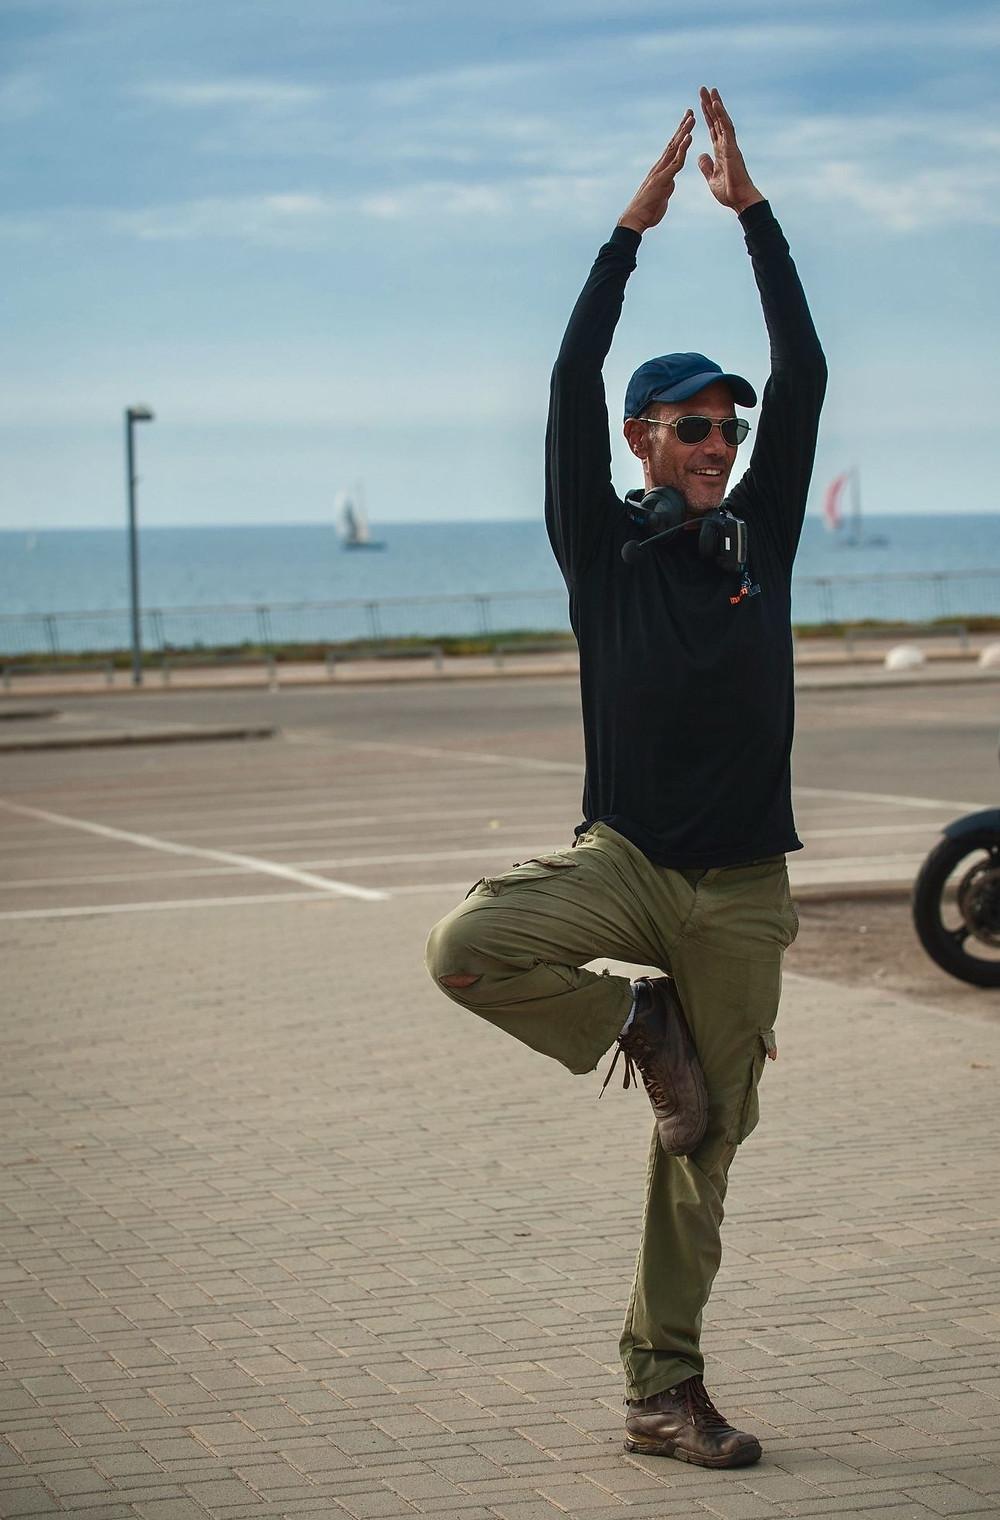 אדם עומד על רגל אחת בעמידת יוגה עם ידיים באוויר. ברקע מגרש חניה וים עם שתי סירות מפרש